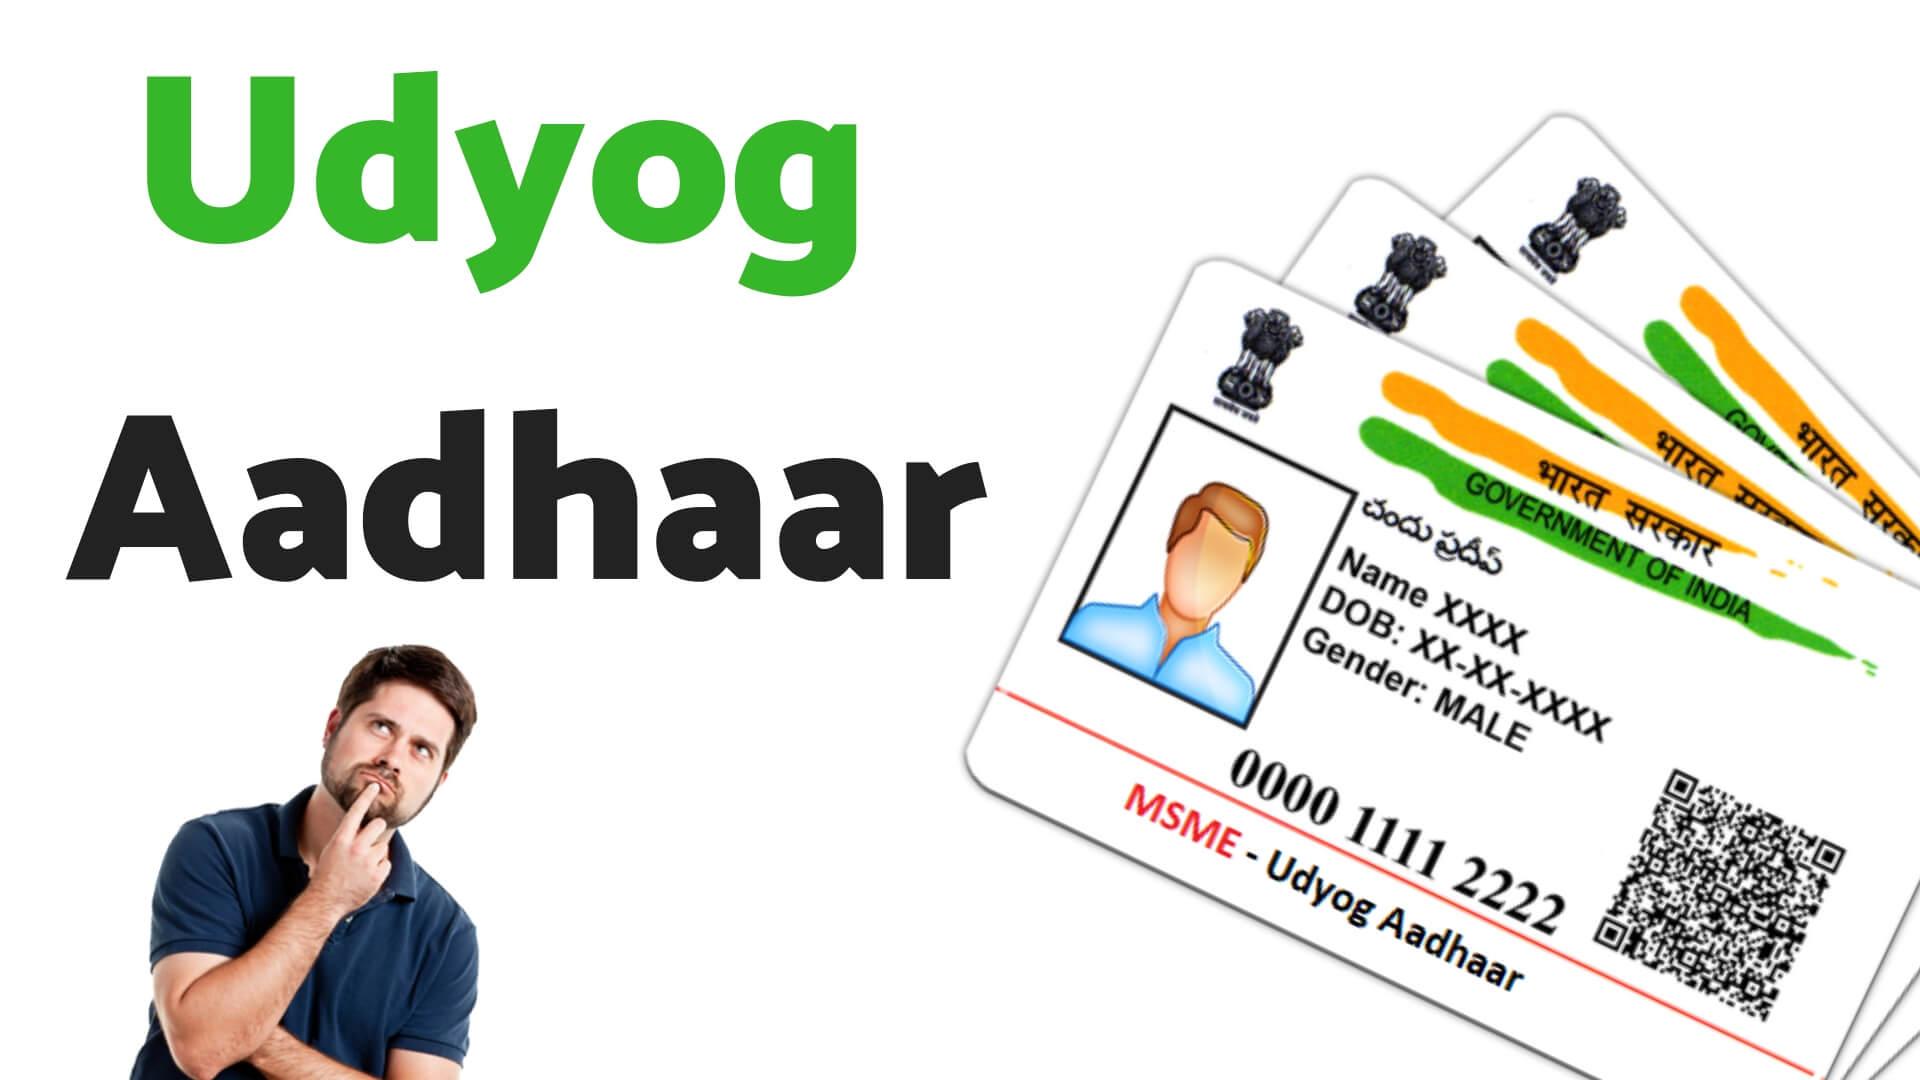 Udyog Aadhaar क्या है? और इसके क्या Benefits है?